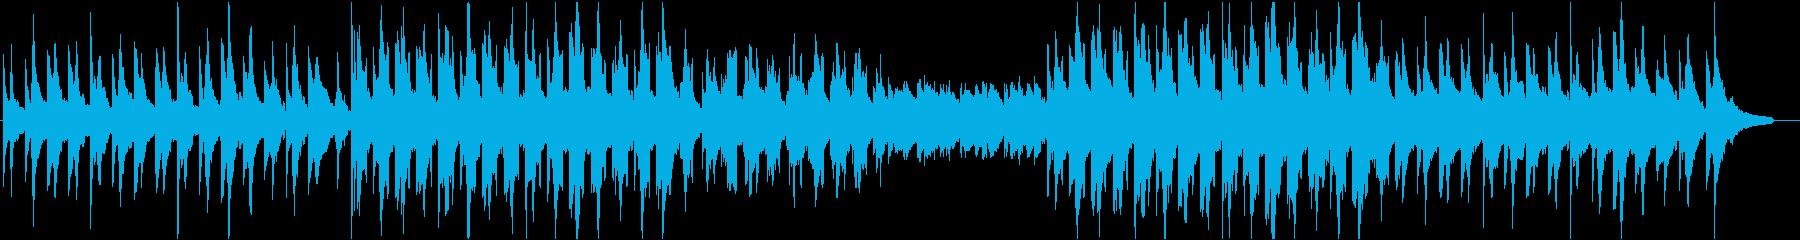 しっとりしたピアノのChill・Lofiの再生済みの波形